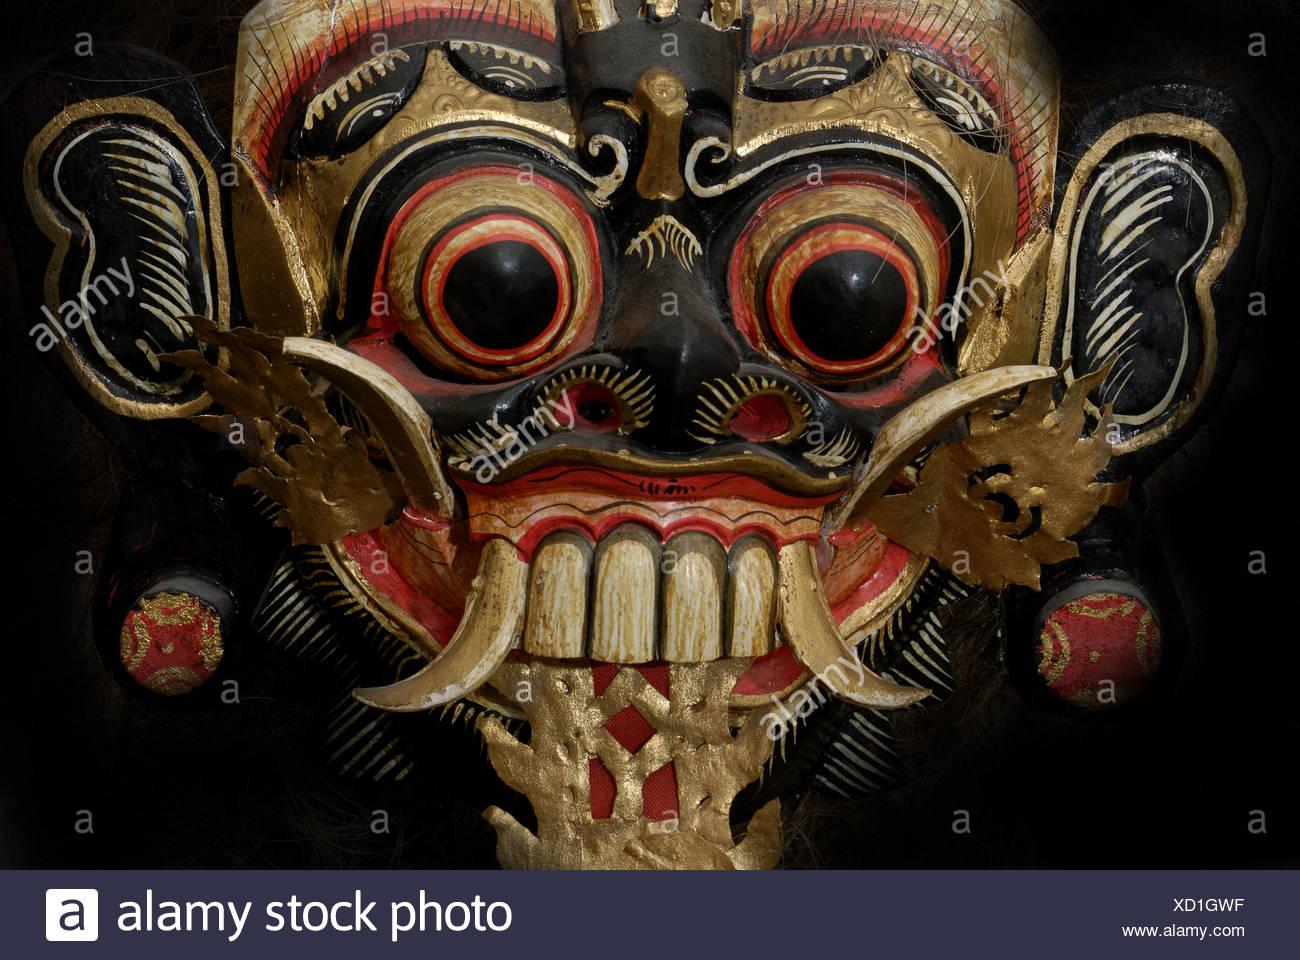 Wodden mask - Bali, Indonesia - Stock Image